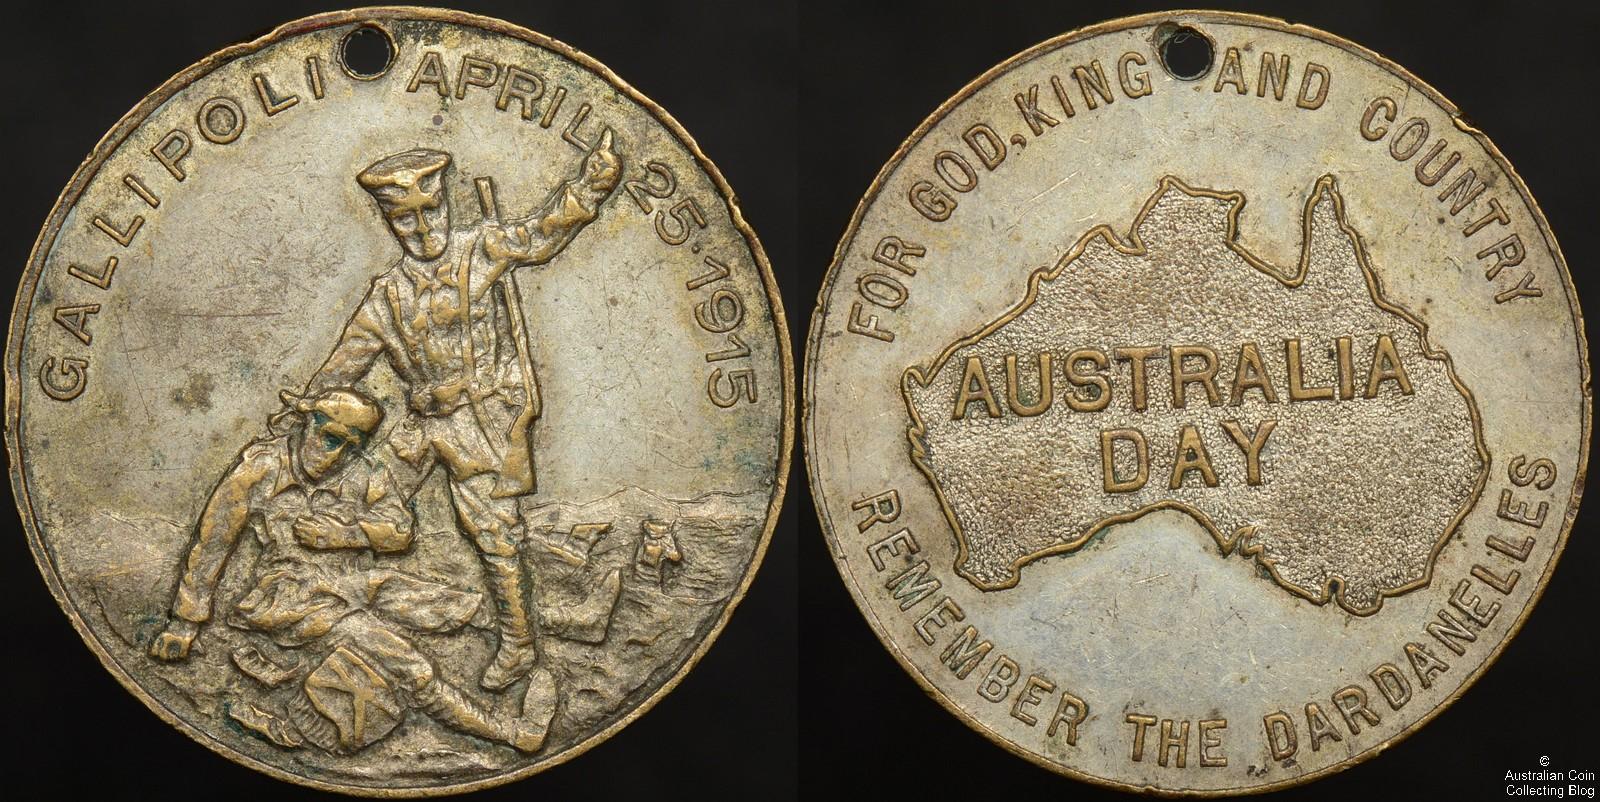 Australia 1915 Remember the Dardanelles Medallion